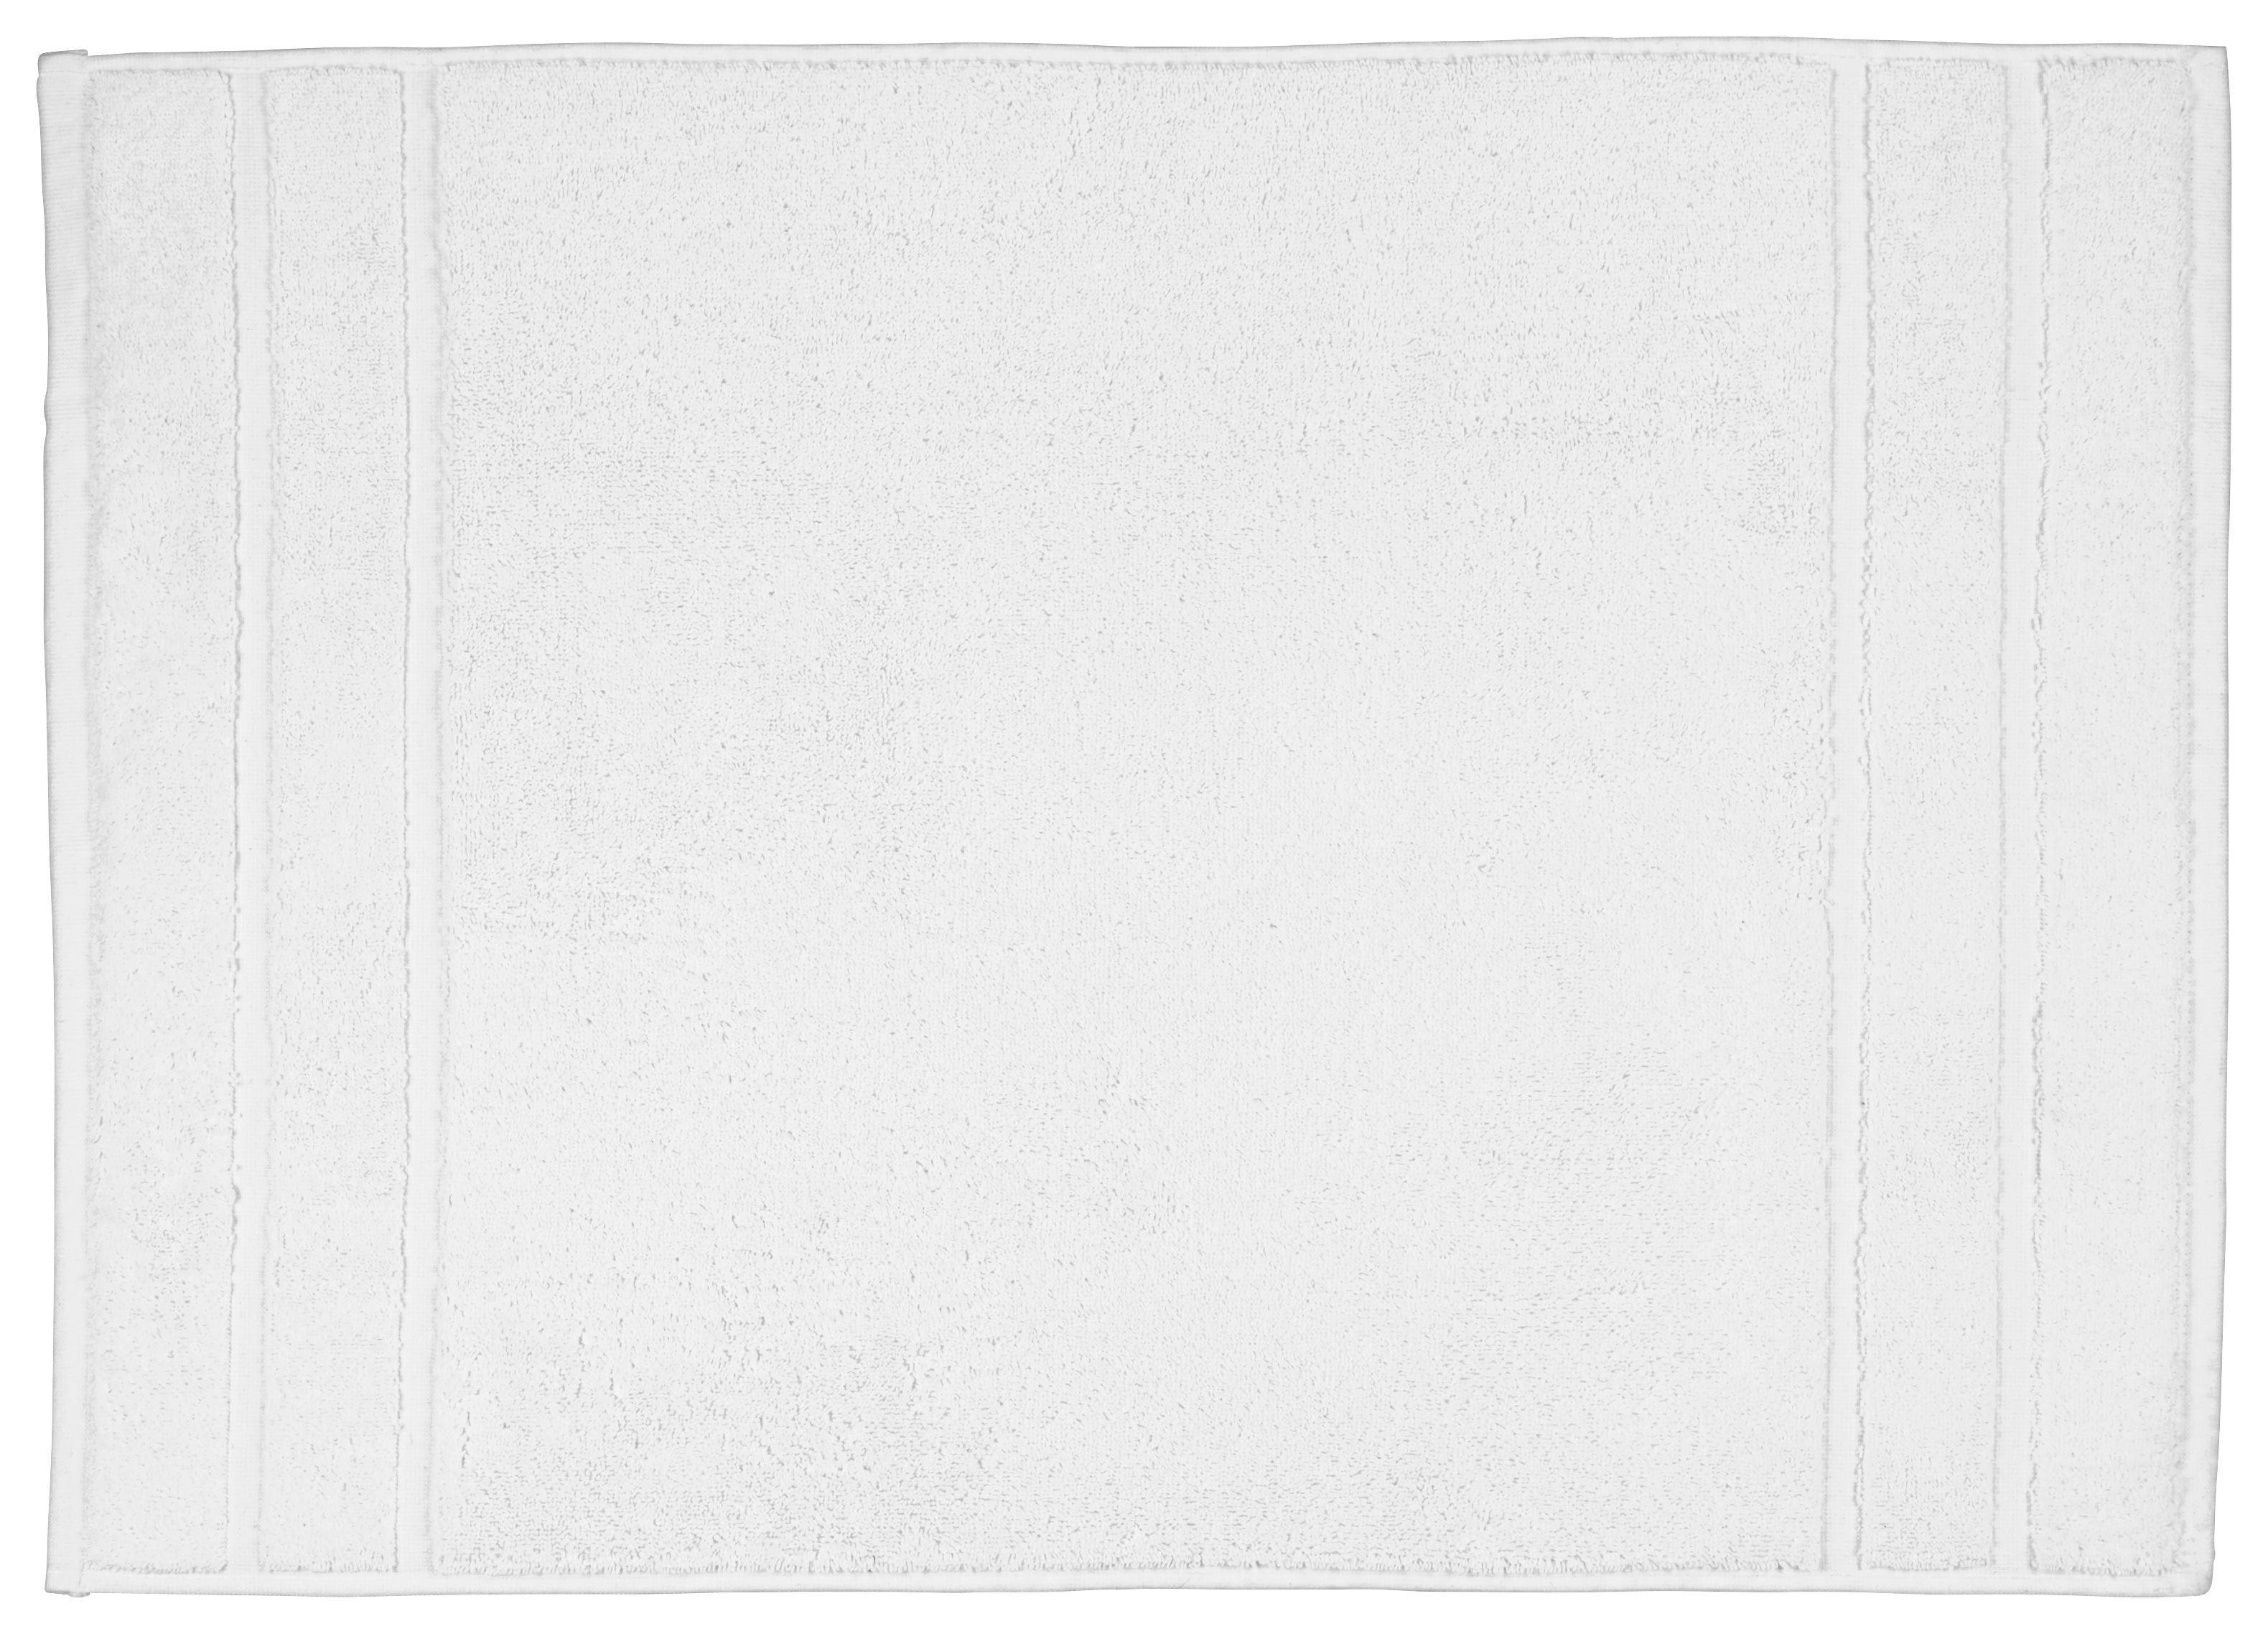 Badematte Melanie ca. 50x70cm - Weiß, Textil (50/70cm) - MÖMAX modern living